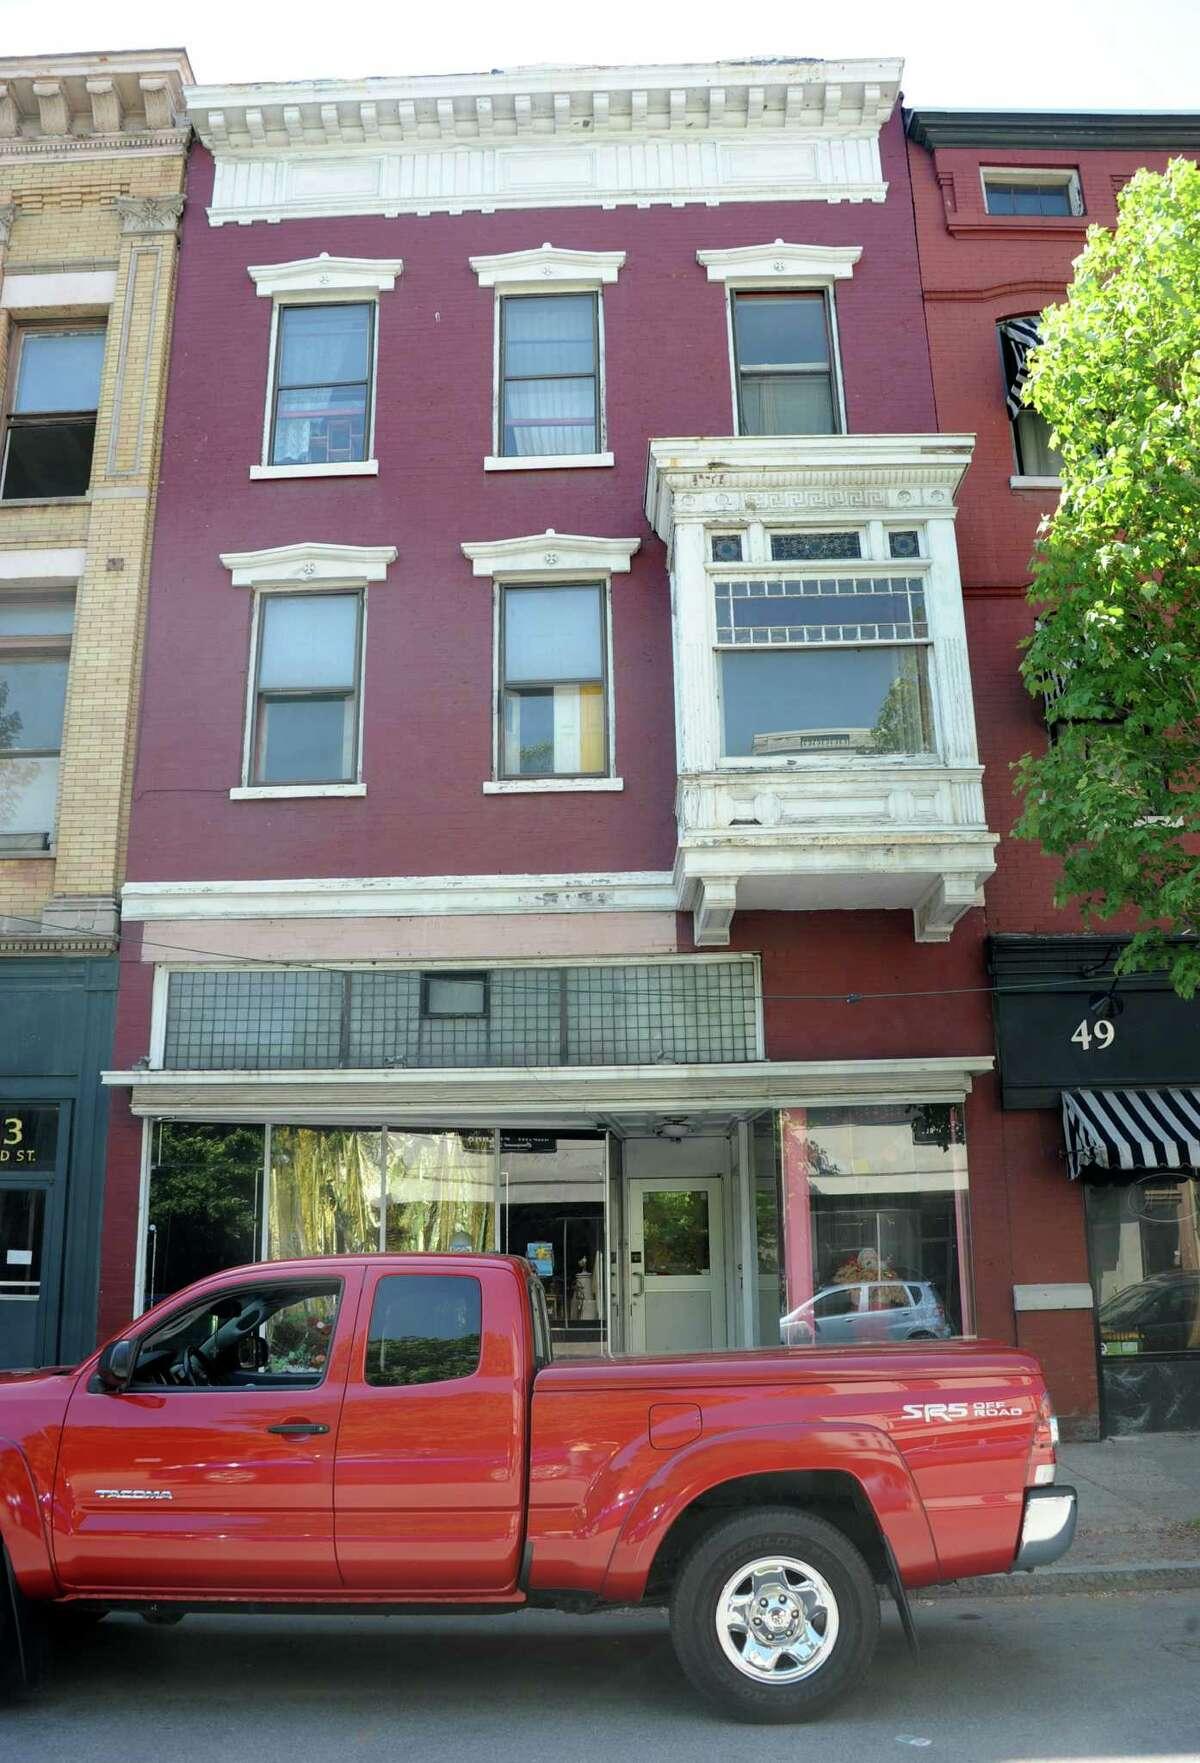 Building at 51 Third St. on Monday, June 2, 2014 in Troy, N.Y. (Lori Van Buren / Times Union)